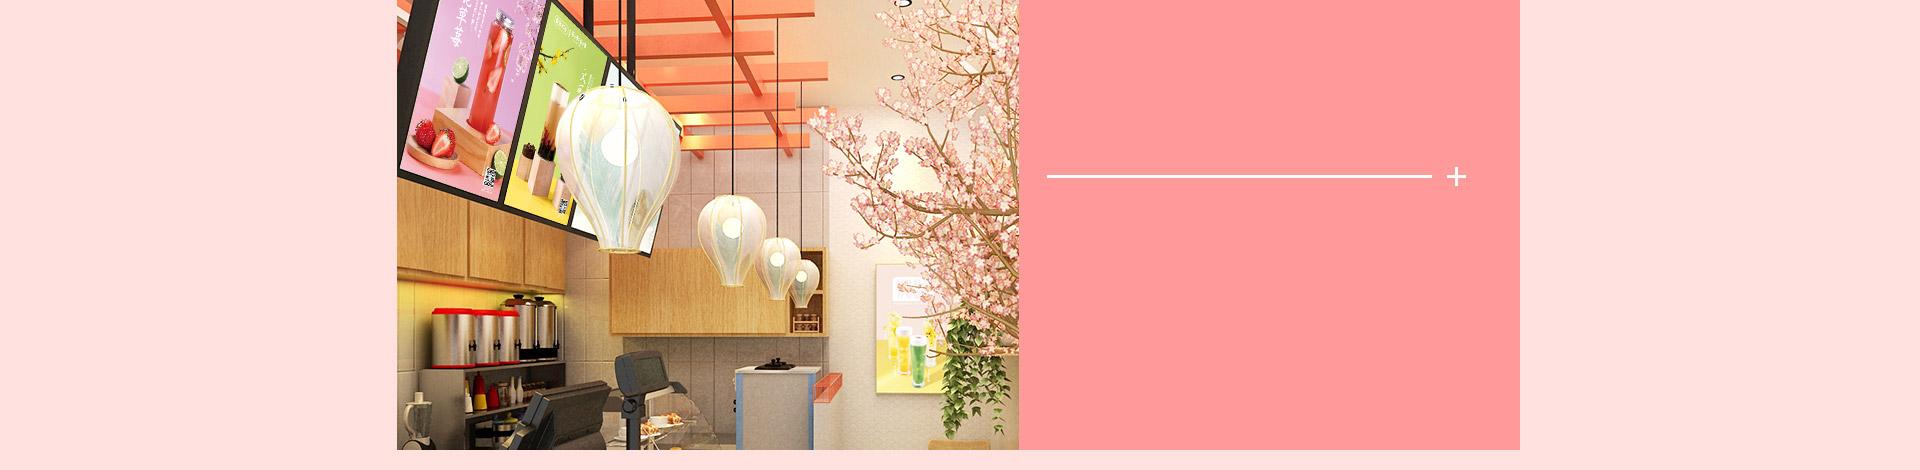 新式茶饮加盟店设计效果